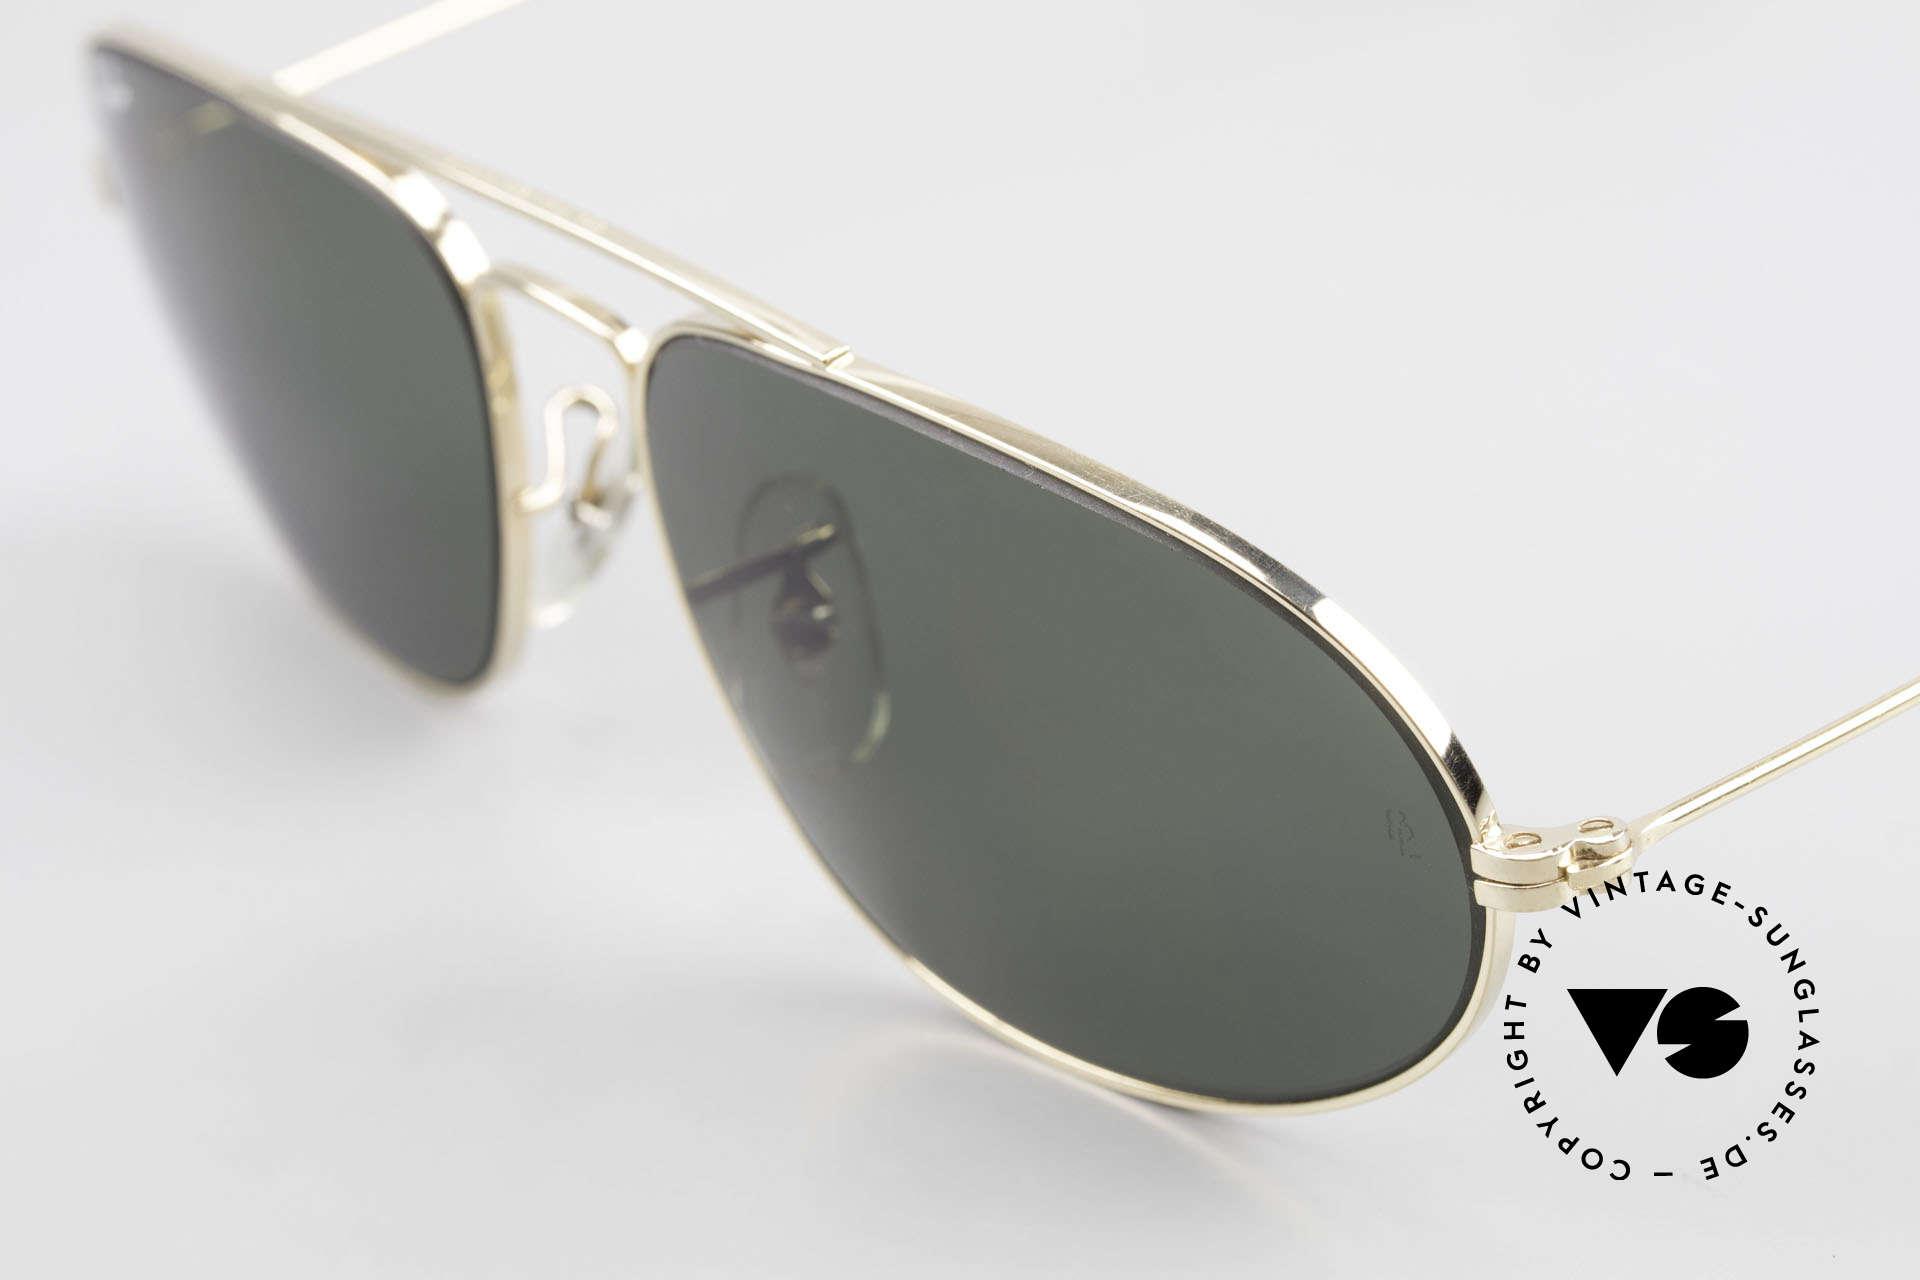 Ray Ban Fashion Metal 5 Sonnenbrille Aviator Style, ungetragen (wie alle unsere alten USA Ray-Bans), Passend für Herren